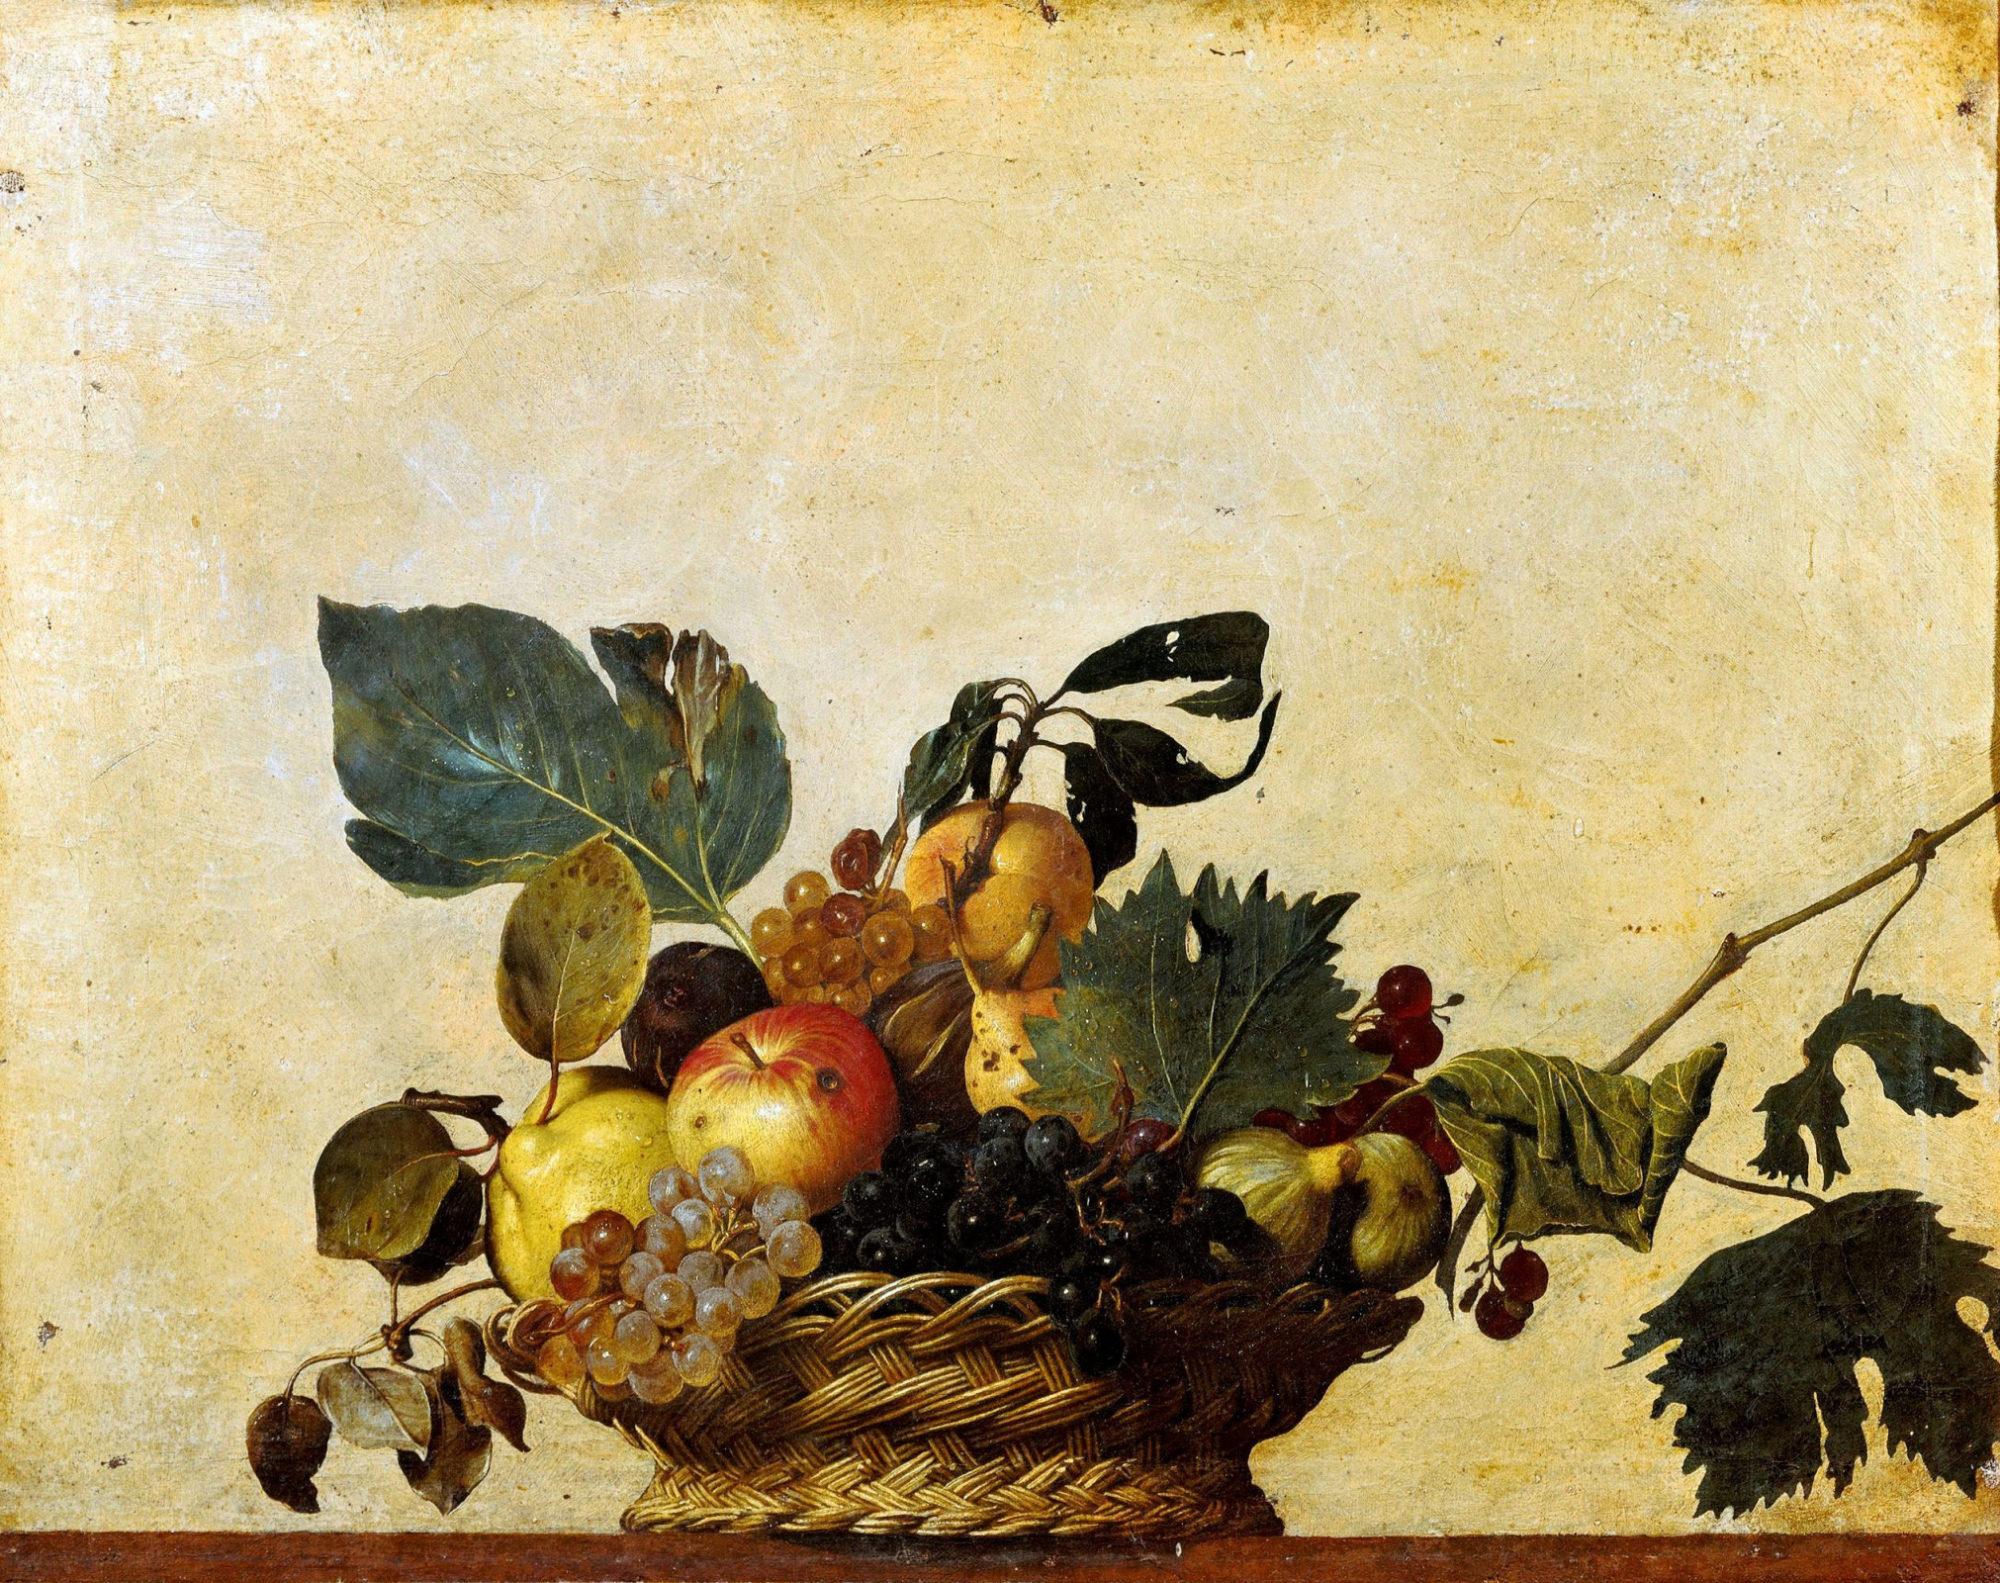 Микеланджело Караваджо, 1596 год, картина «Корзина с фруктами».